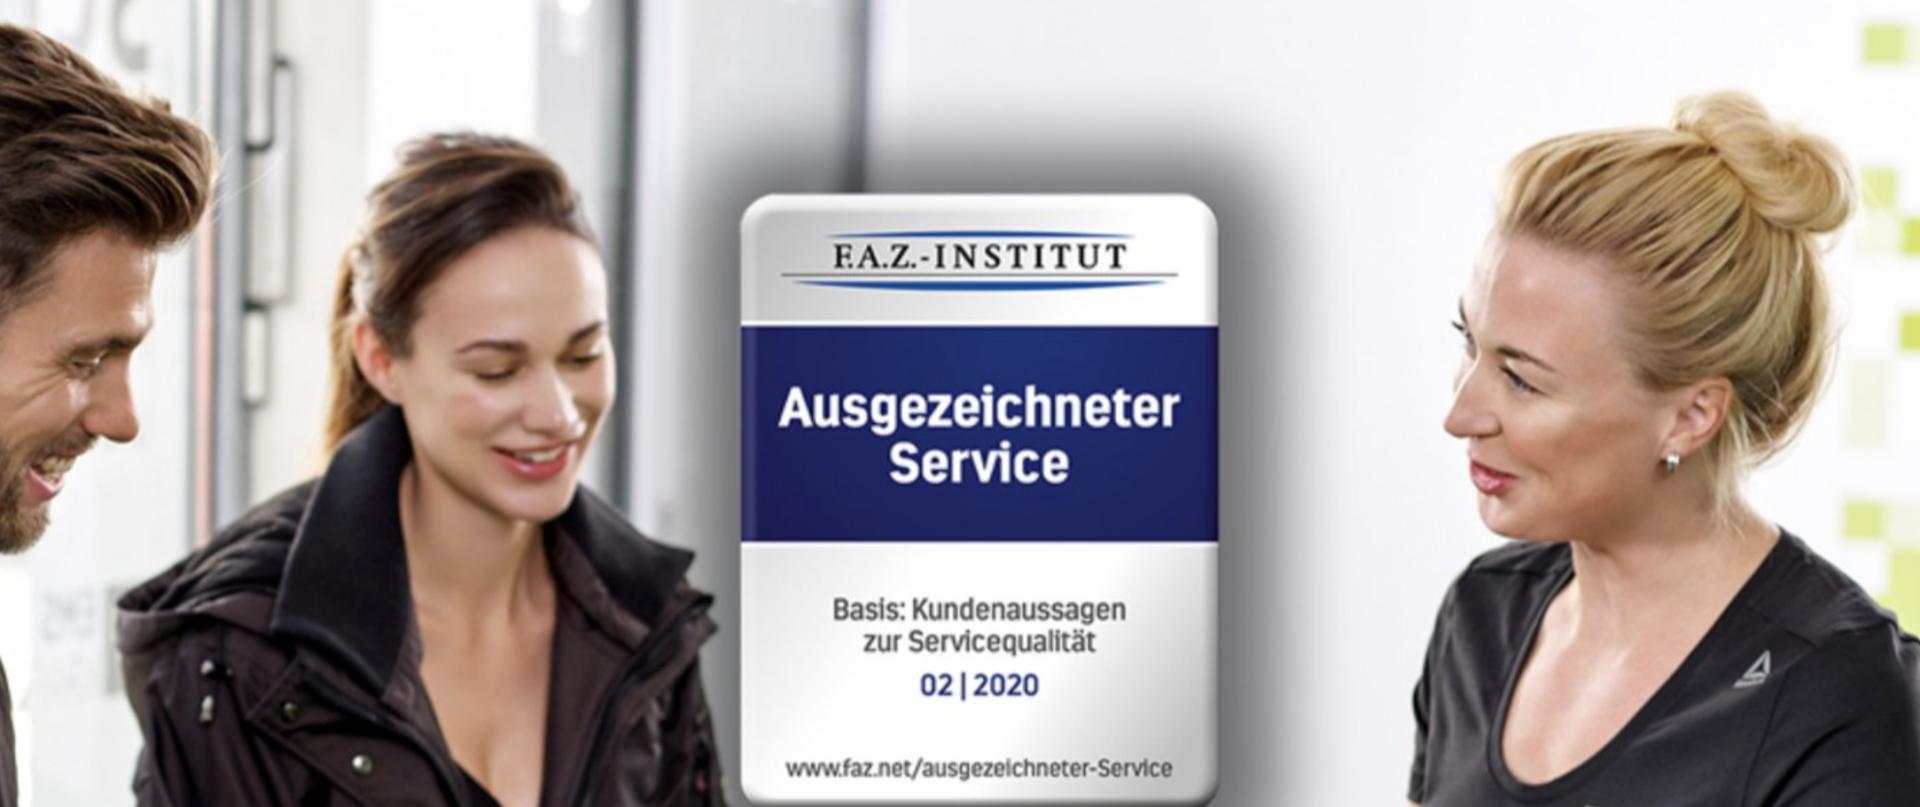 Frankfurter Allgemeine: fitbox ist Unternehmen mit ausgezeichnetem Service